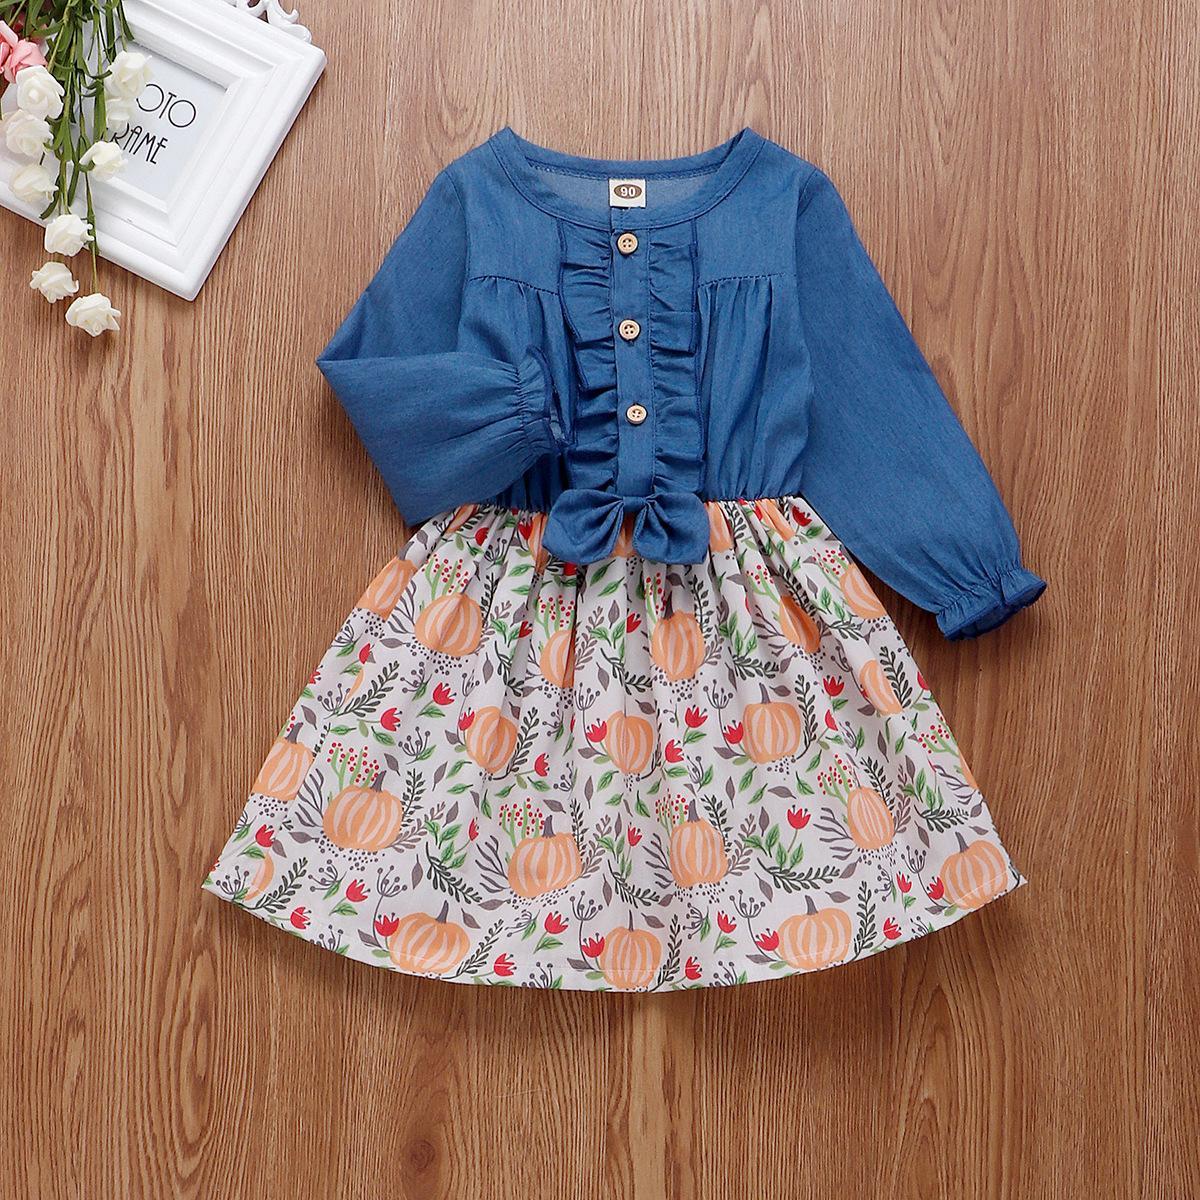 Baby Girls Halloween Outfits с длинным рукавом тыква платье бутик детские джинсовые платья сращивание хлопчатобумажного малыша девушка Хэллоуин платье W1227